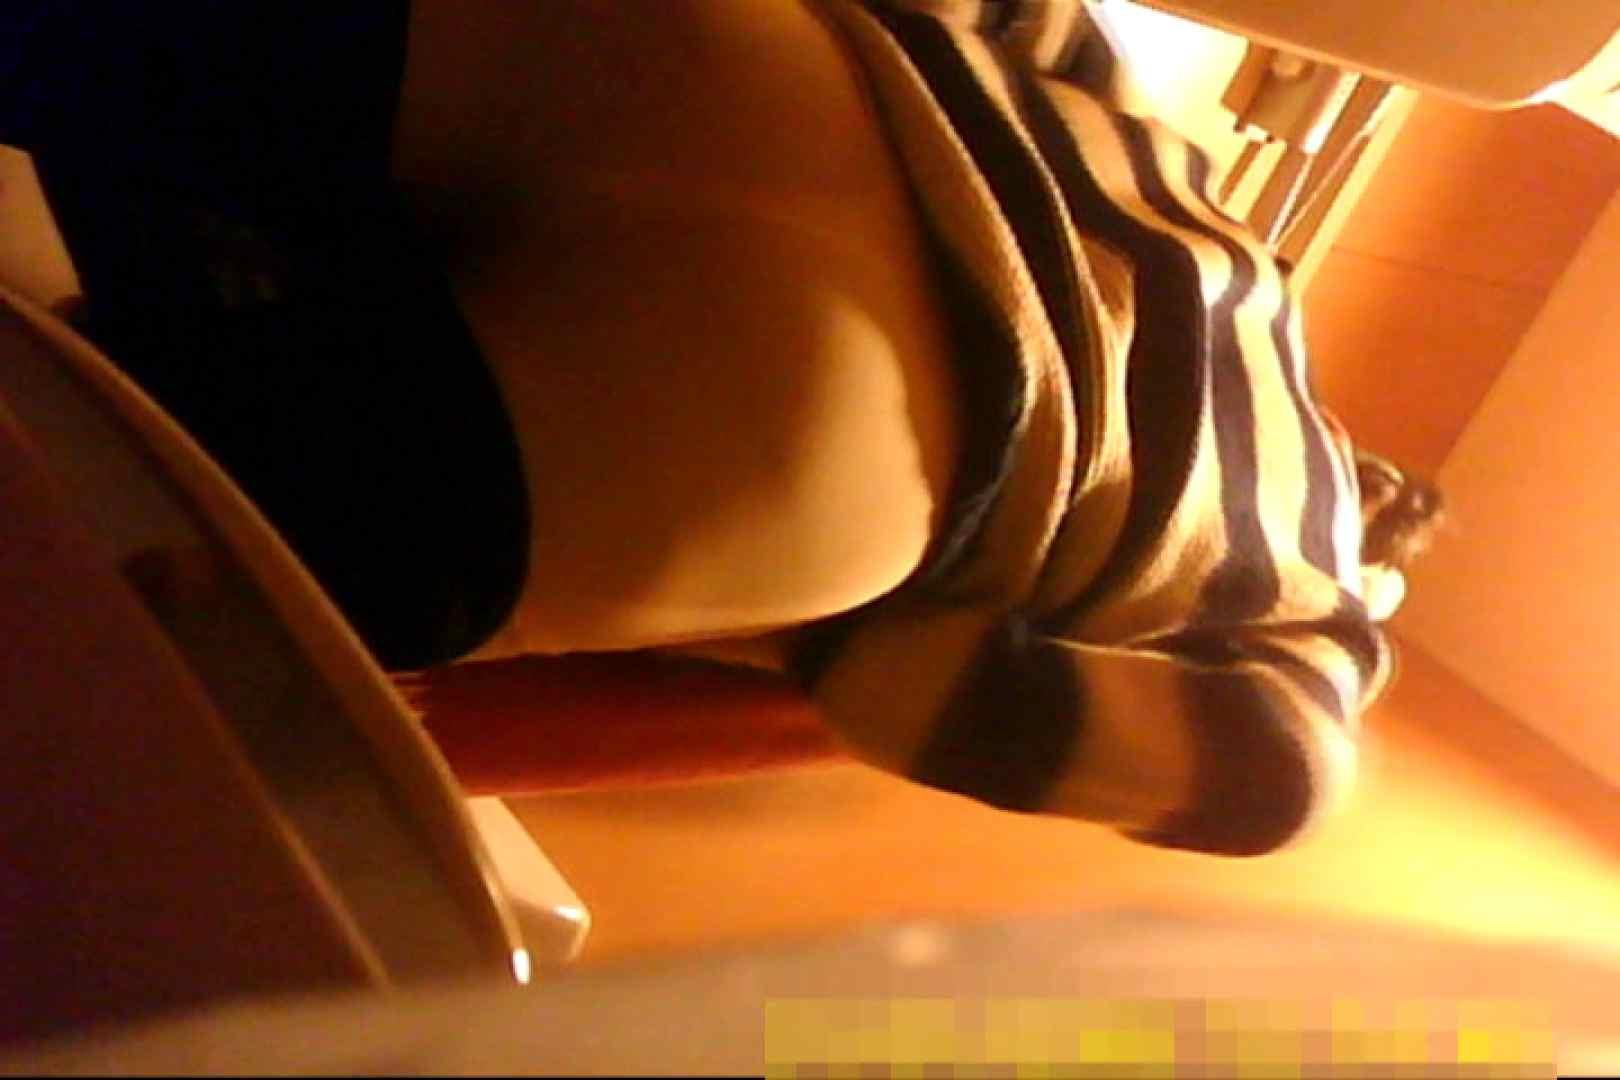 魅惑の化粧室~禁断のプライベート空間~vol.6 いやらしいOL おめこ無修正動画無料 78連発 51